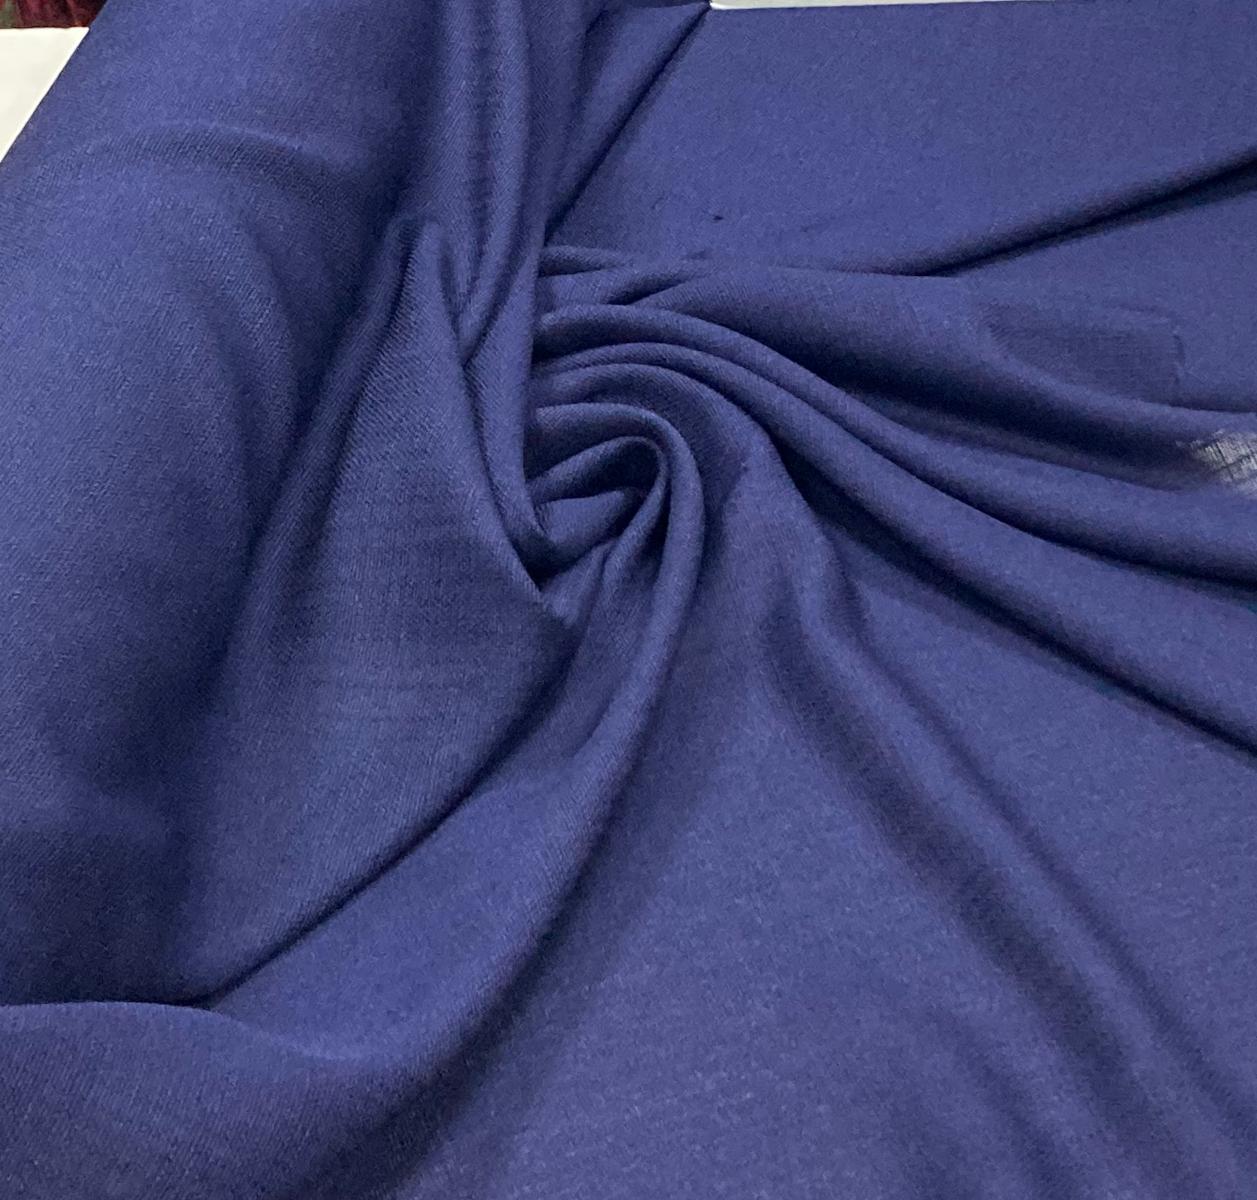 Tecido Linho Verano Azul Marinho